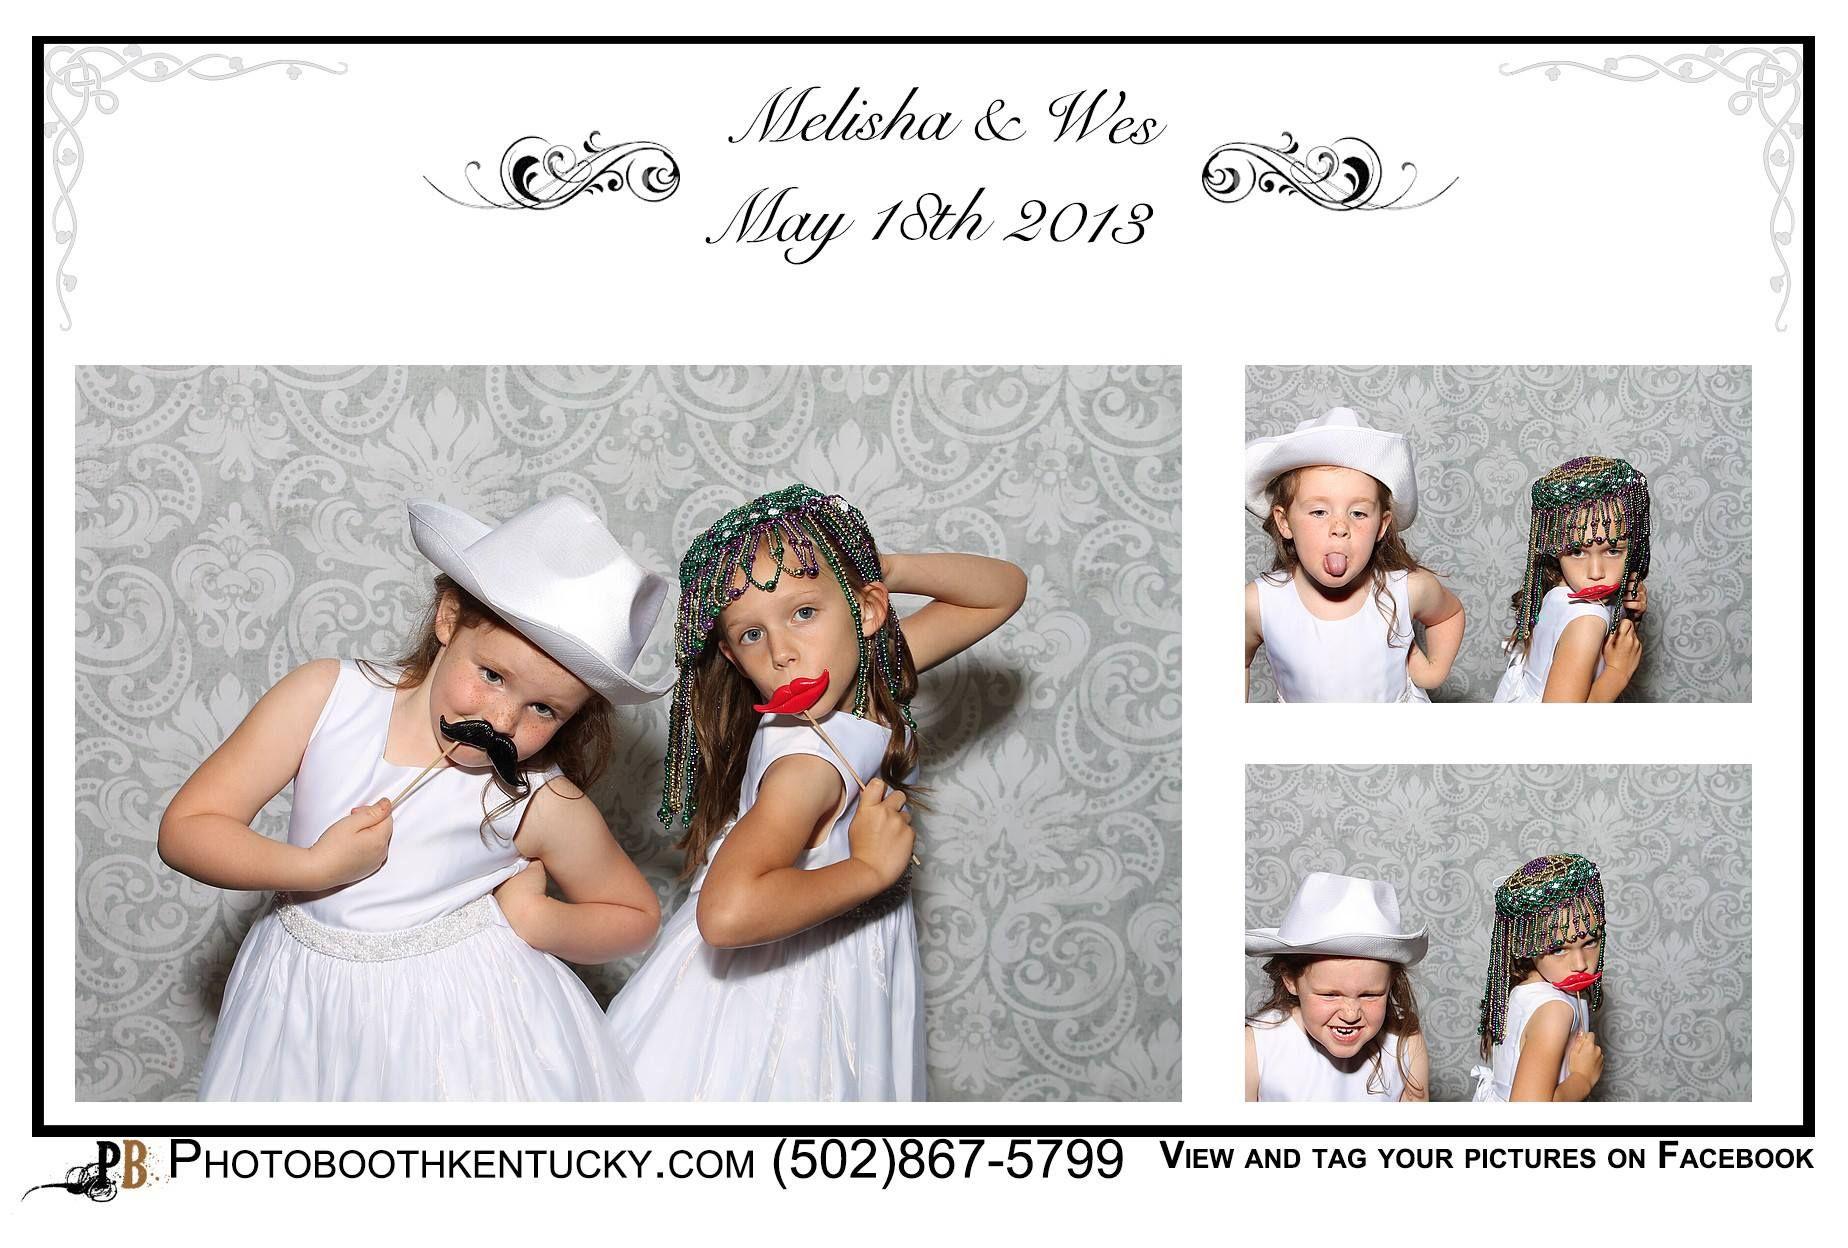 Wedding Reception Photo Booth Ideas: Wedding Reception Photo Booth